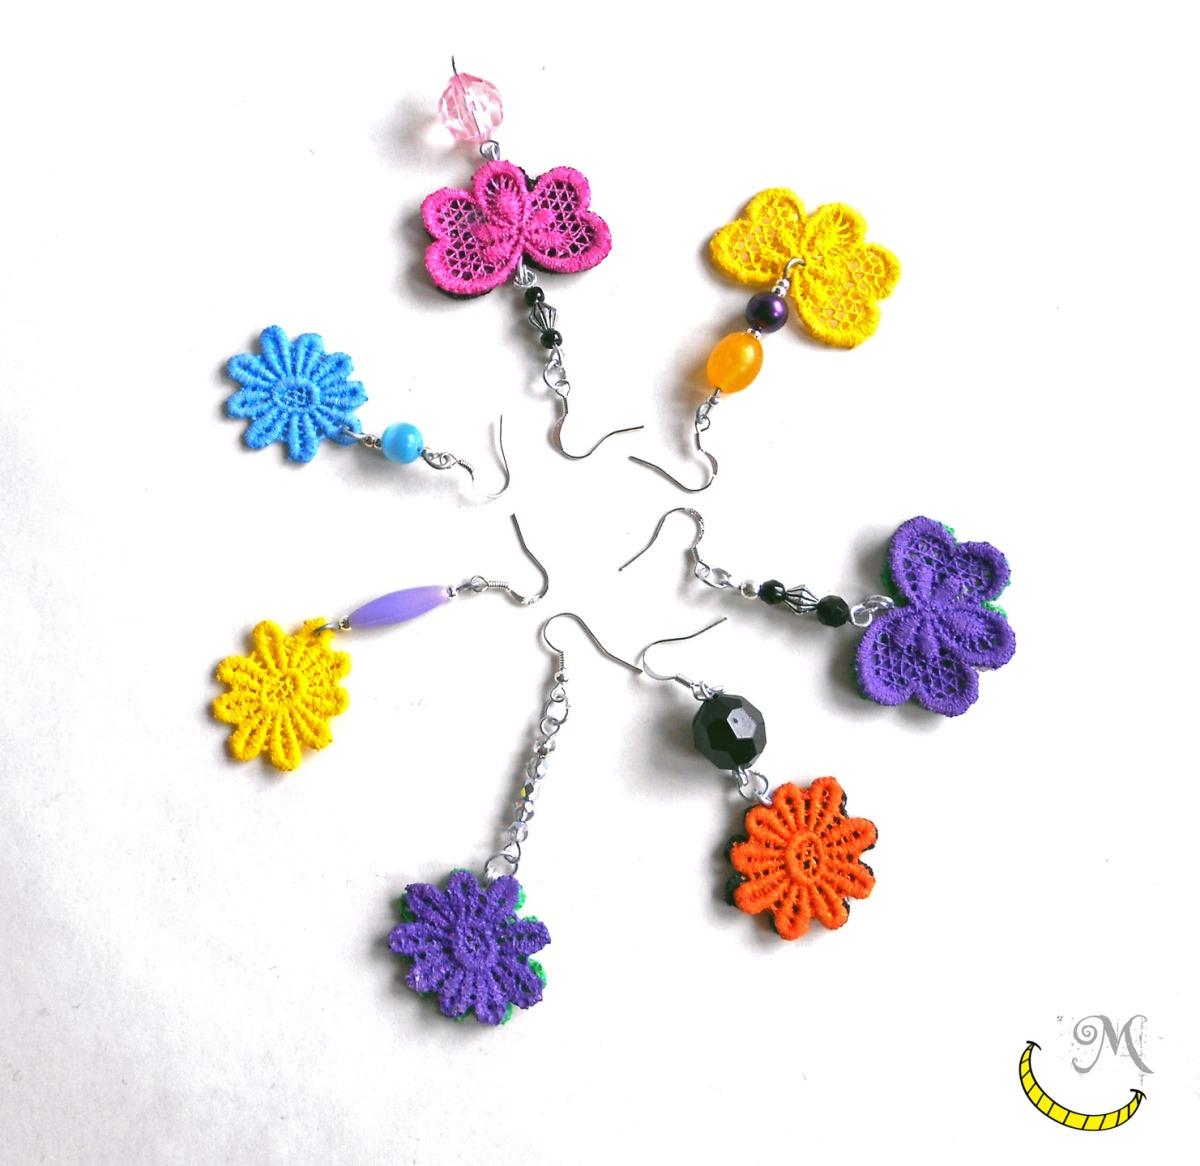 orecchini merletto e perline shabby Malice's Craftland - riciclo creativo - artigianato sostenibile italiano